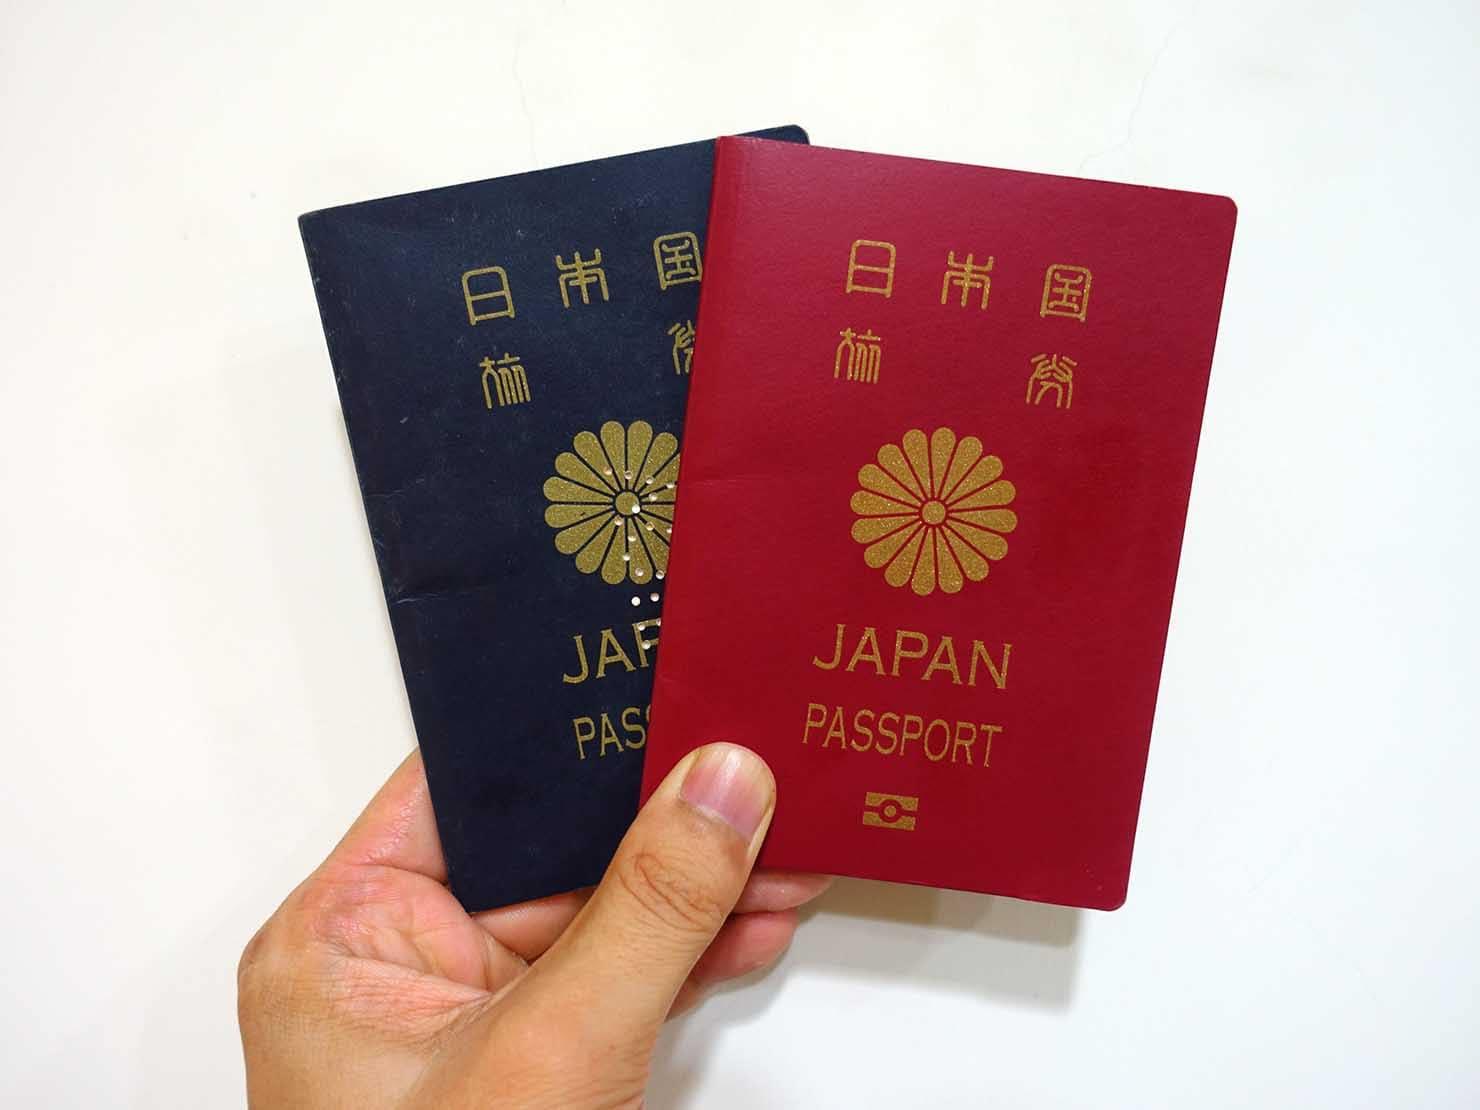 台湾の永住権(永久居留證)申請に必要な書類:日本のパスポート